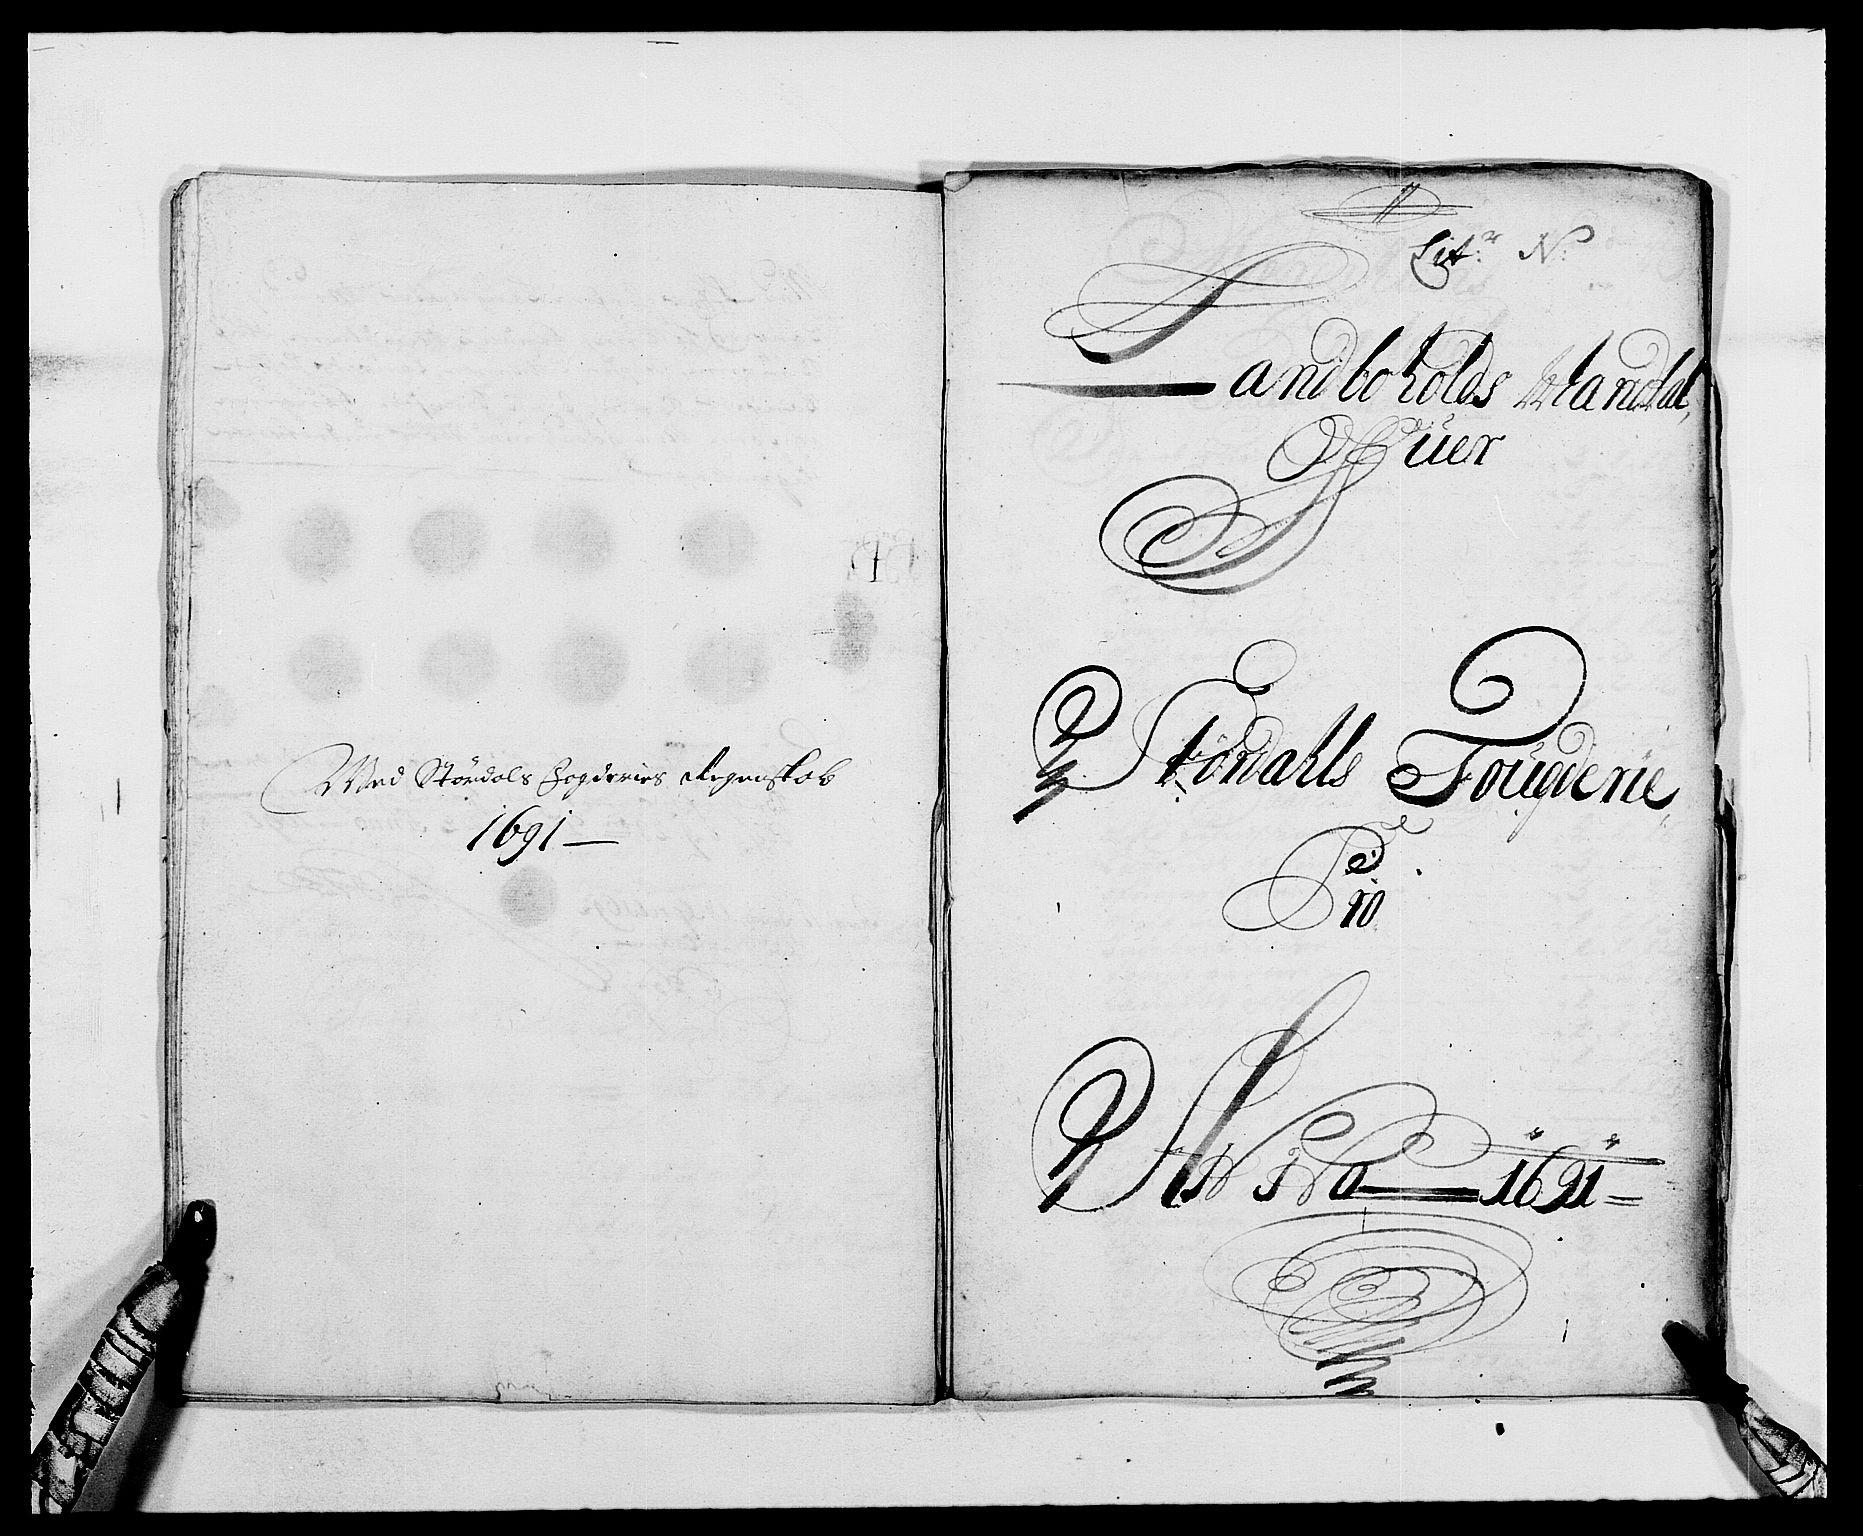 RA, Rentekammeret inntil 1814, Reviderte regnskaper, Fogderegnskap, R62/L4184: Fogderegnskap Stjørdal og Verdal, 1690-1691, s. 417